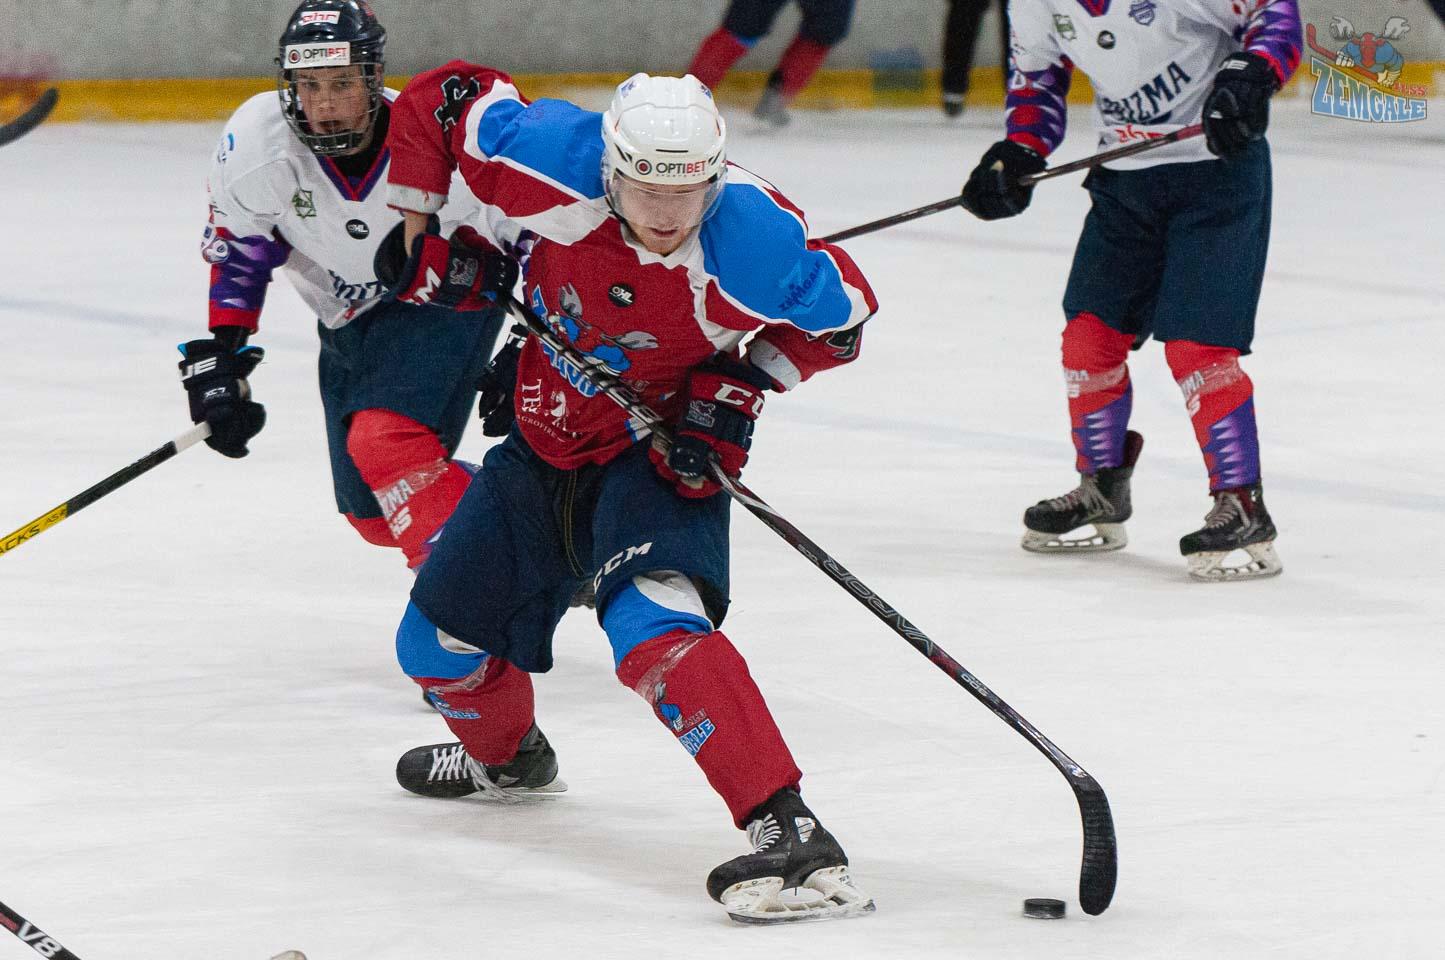 Hokejists ar roku kustību apspēlē pretinieku